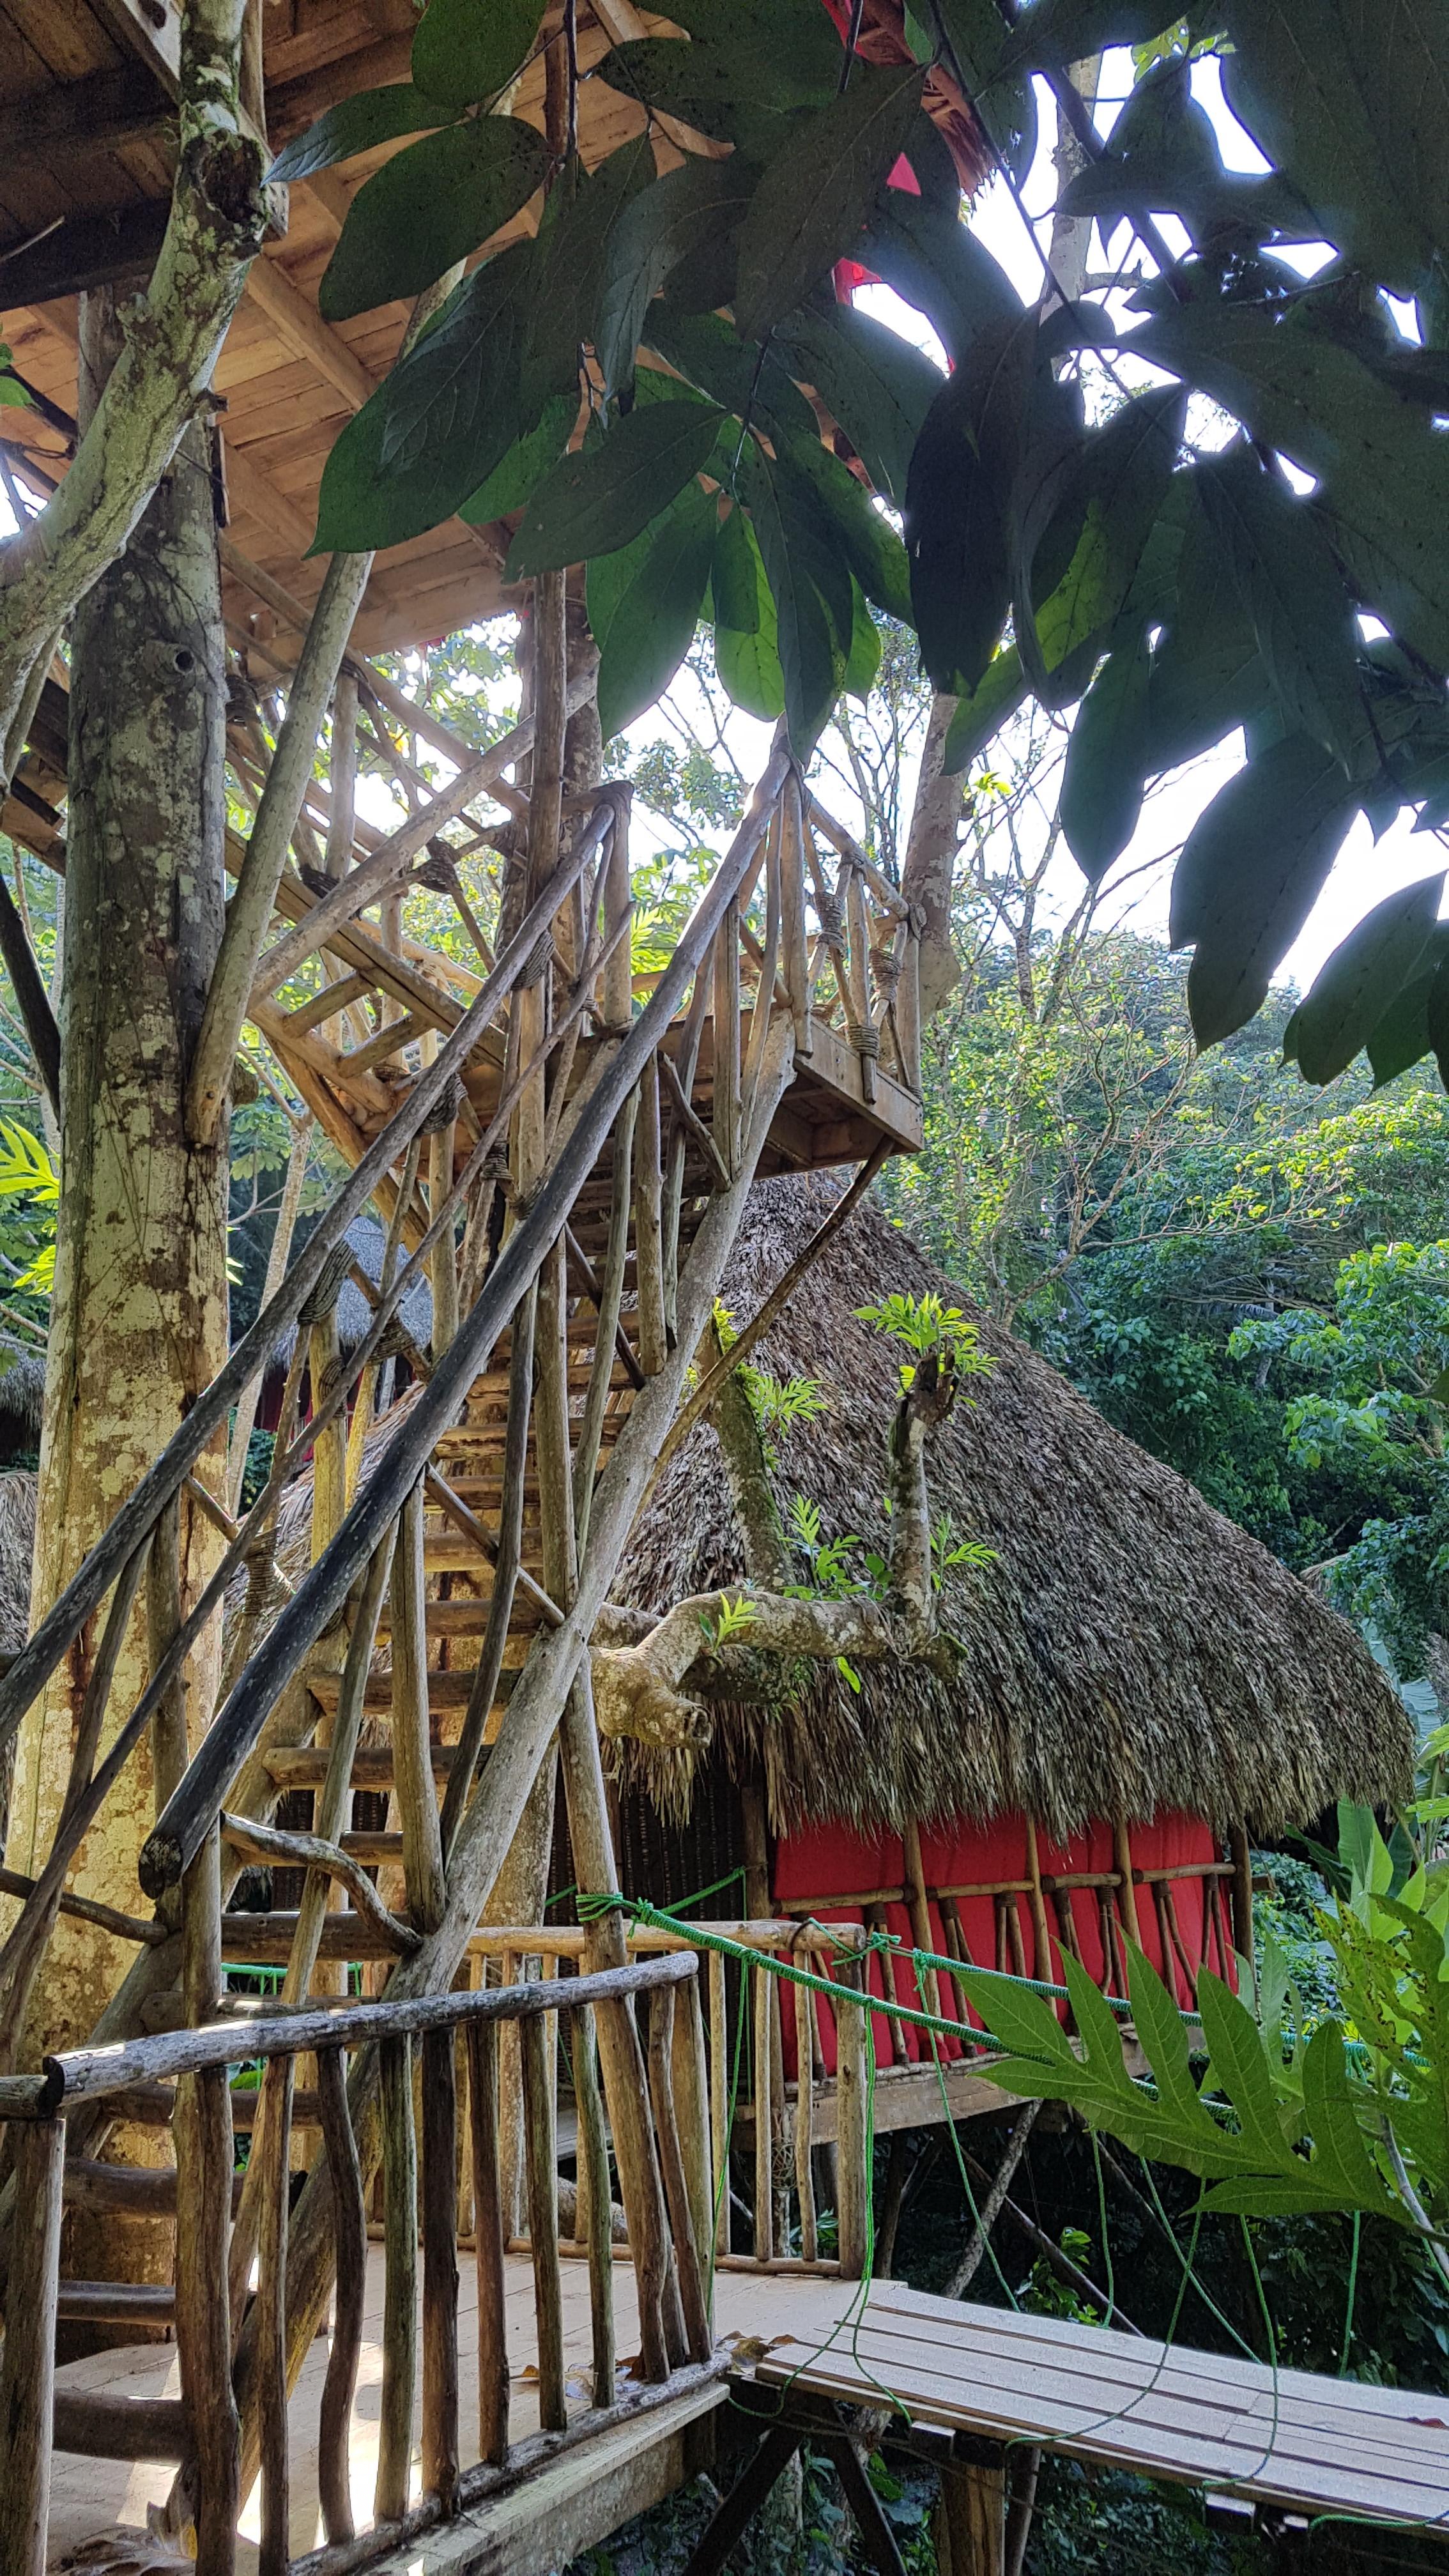 Unser Haus Ist Aber Auf Stelzen Erbaut Und Vom Prinzip Her Auch Ein Baumhaus.  Das Wird Abenteuerlich Und Romantisch Werden!